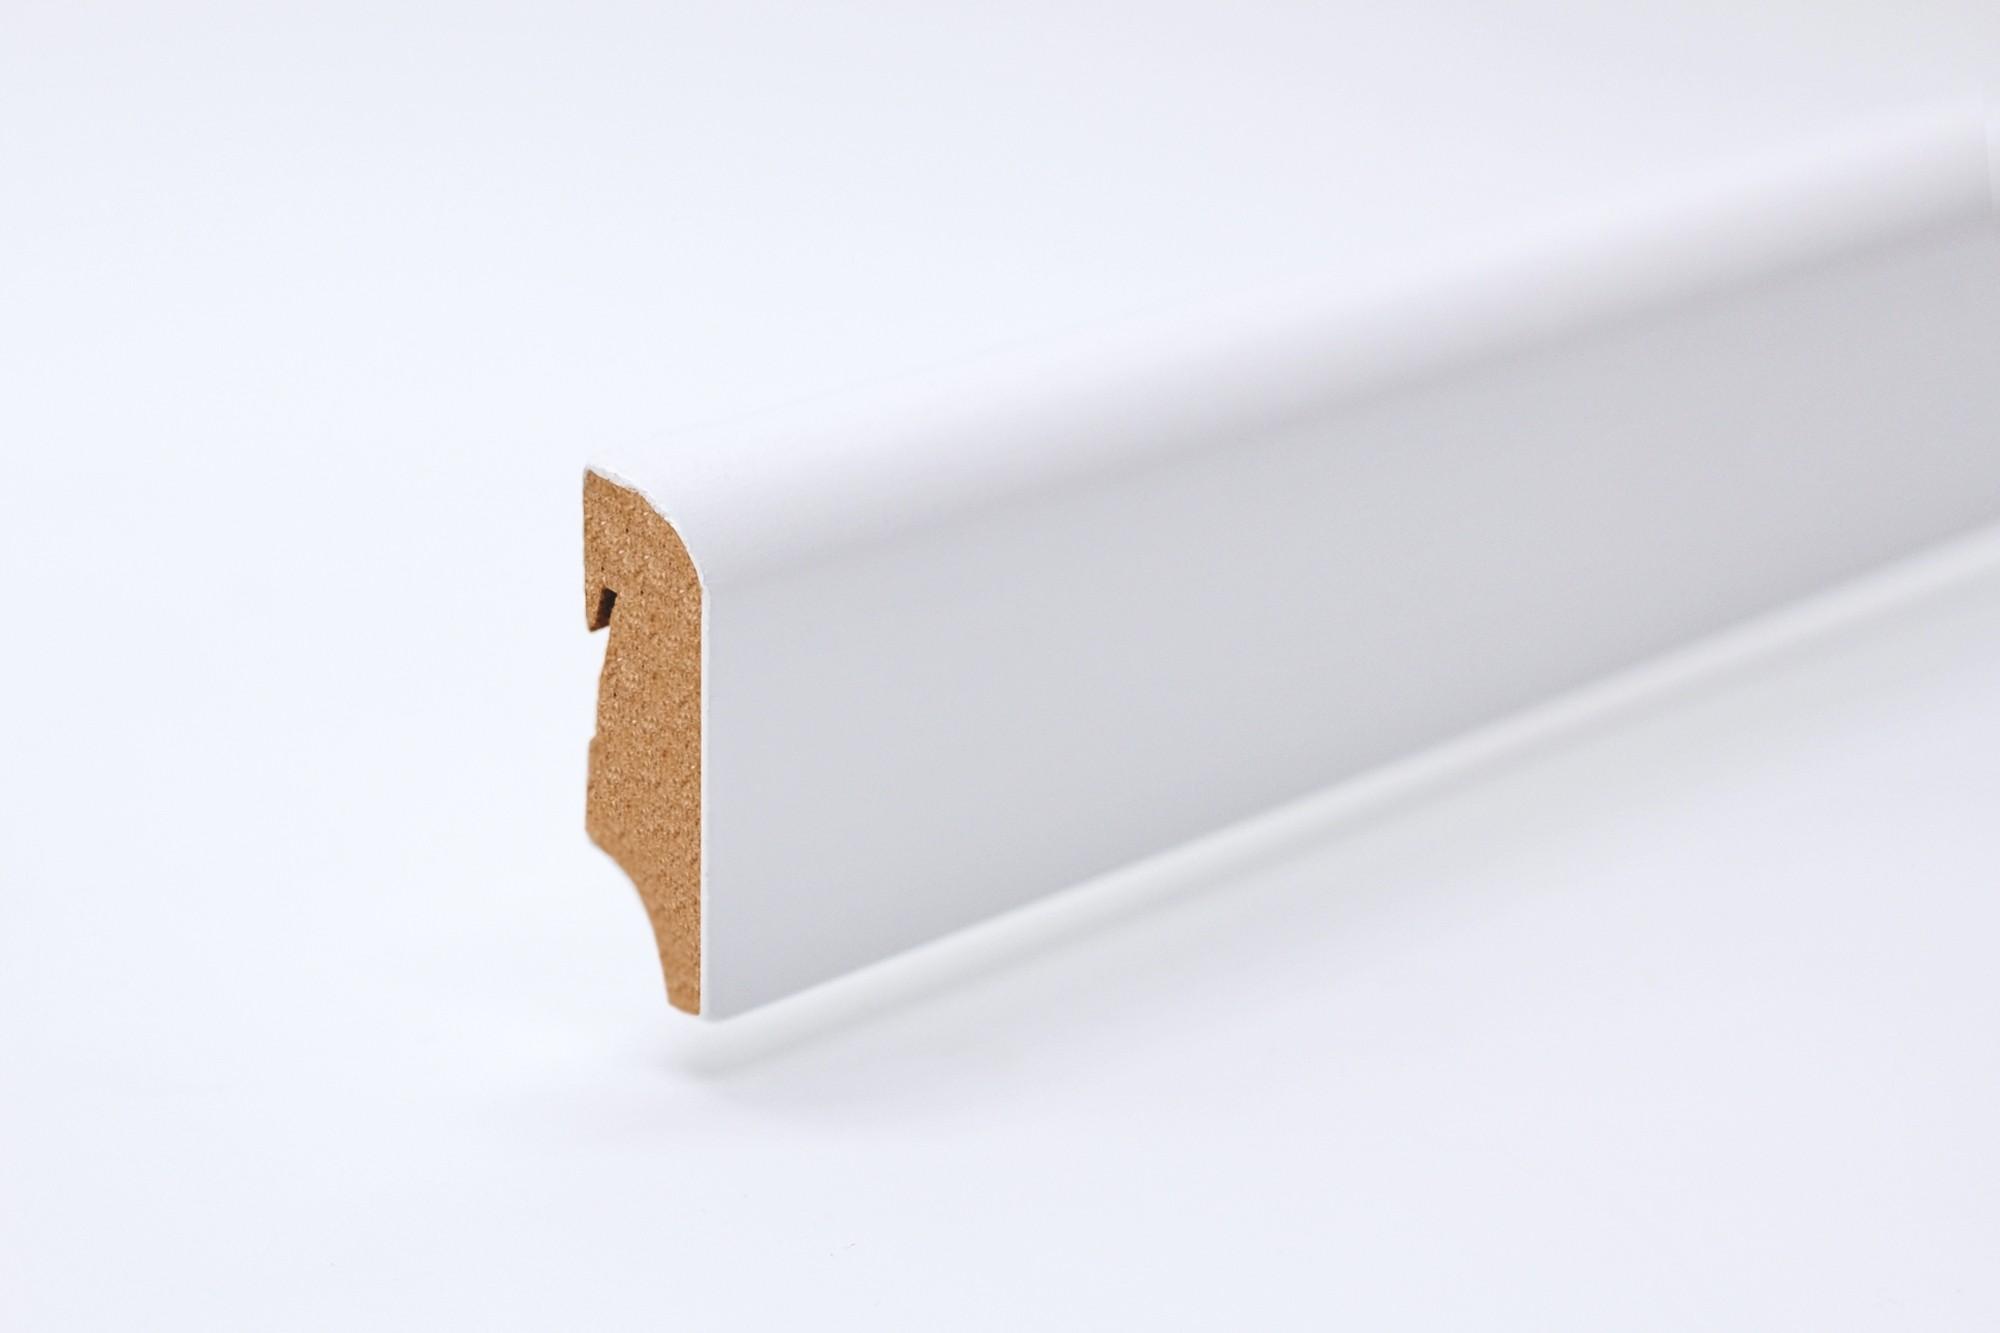 Sockelleiste (2400 x 18 x 57) abgerundet weiß lackiert - Interio